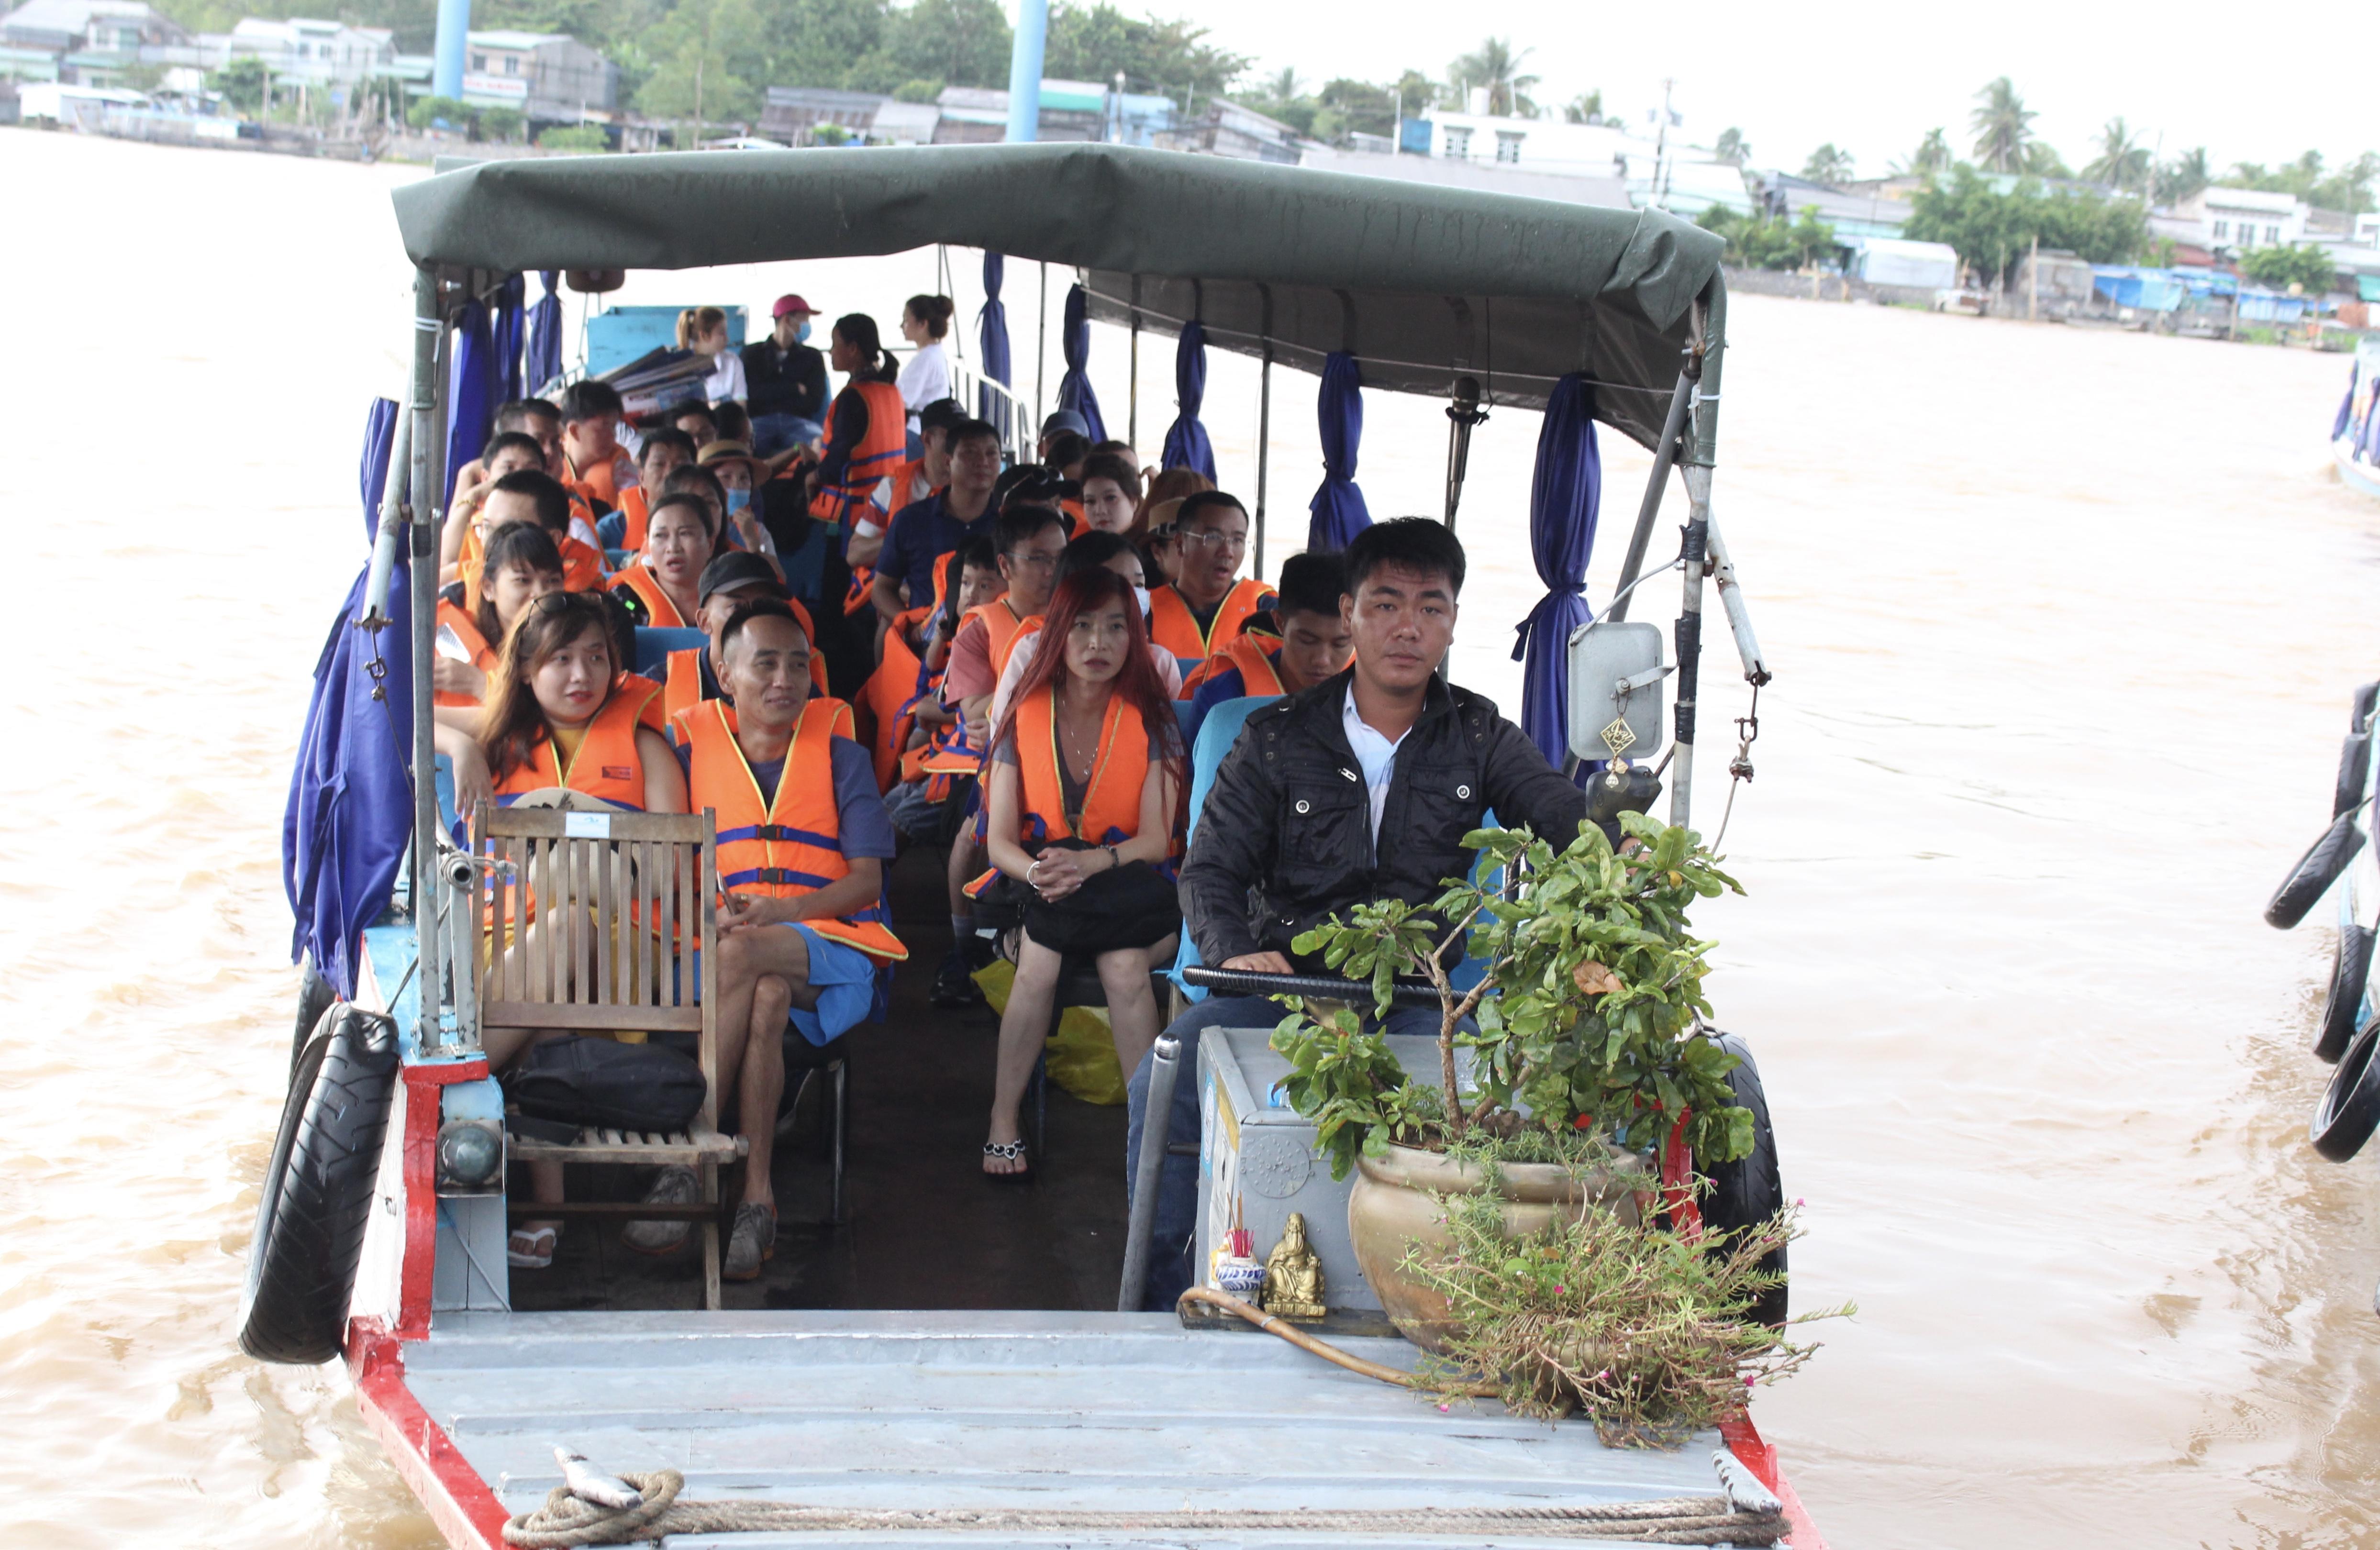 Du lịch TP HCM và ĐBSCL tranh thủ thời điểm vàng thu hút khách nội địa - Ảnh 1.